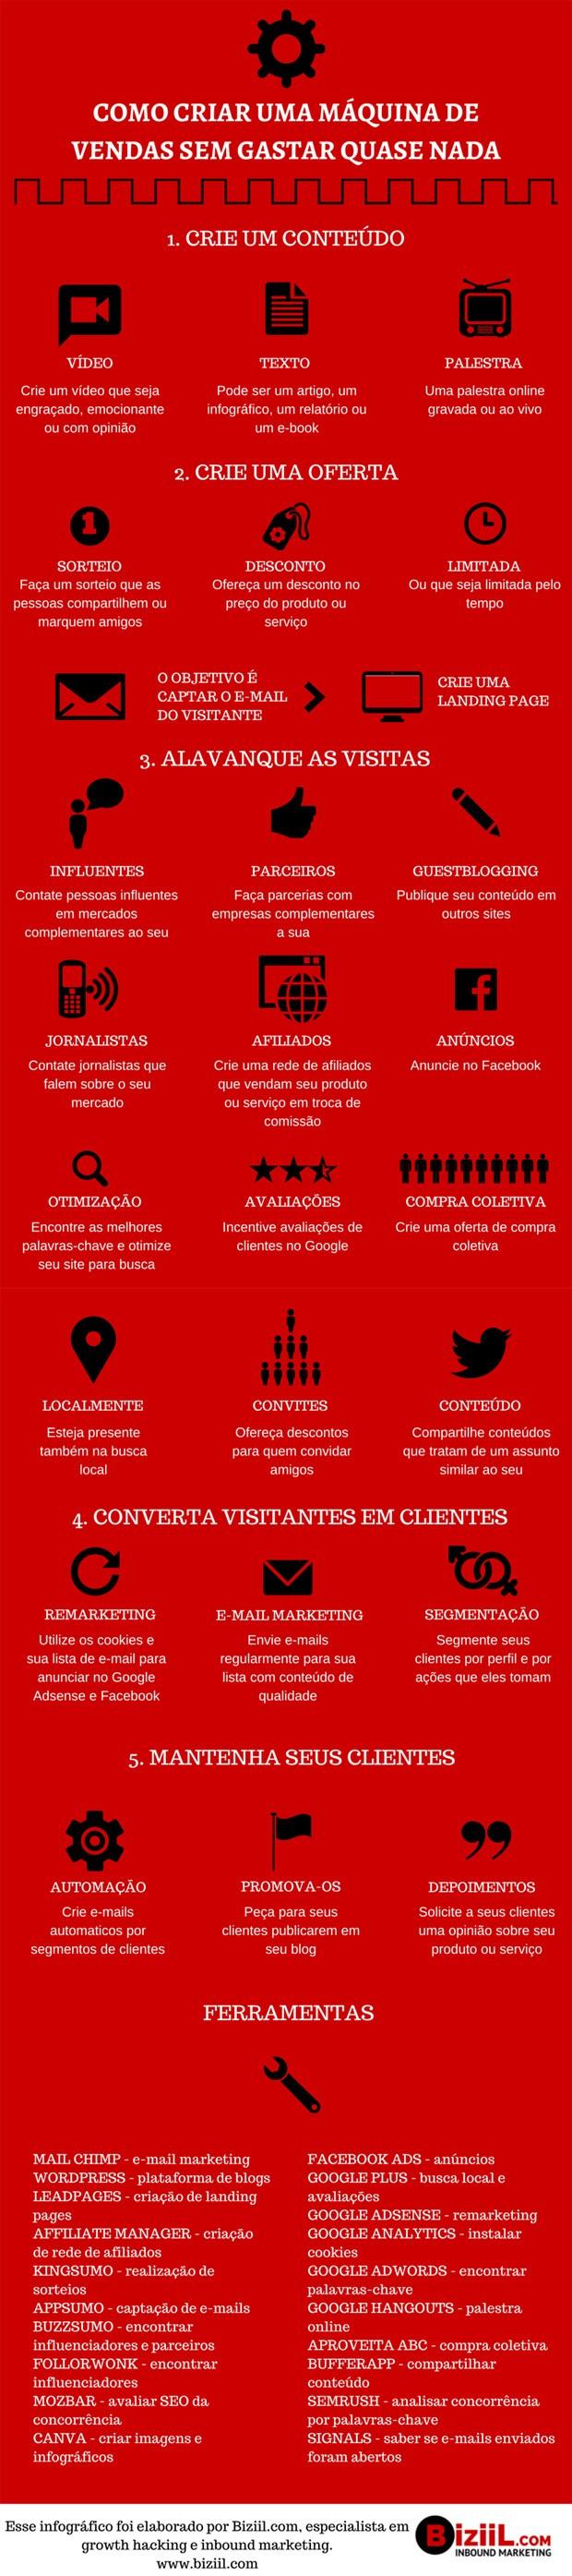 infografico_biziil_620x2790 Invista em conteúdo e interação para vender mais na web